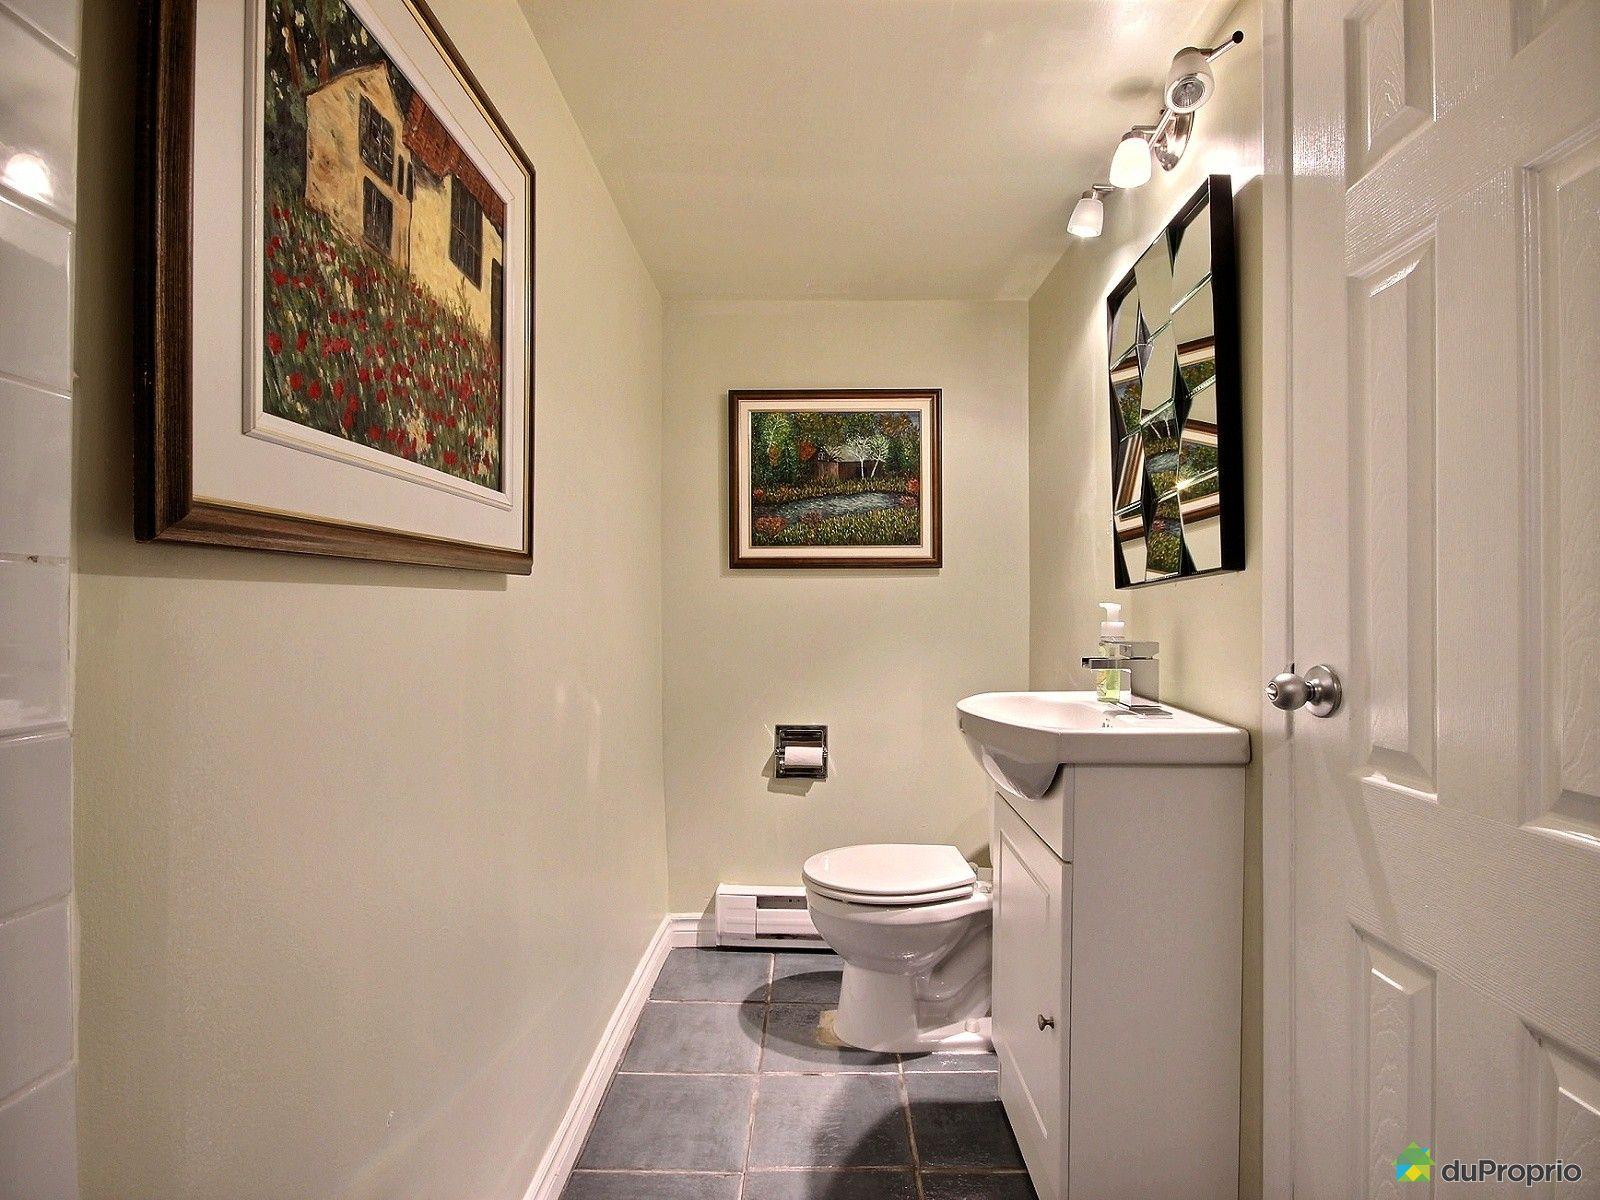 Jumel vendu montr al immobilier qu bec duproprio 560745 for Salle de bain xavier laurent